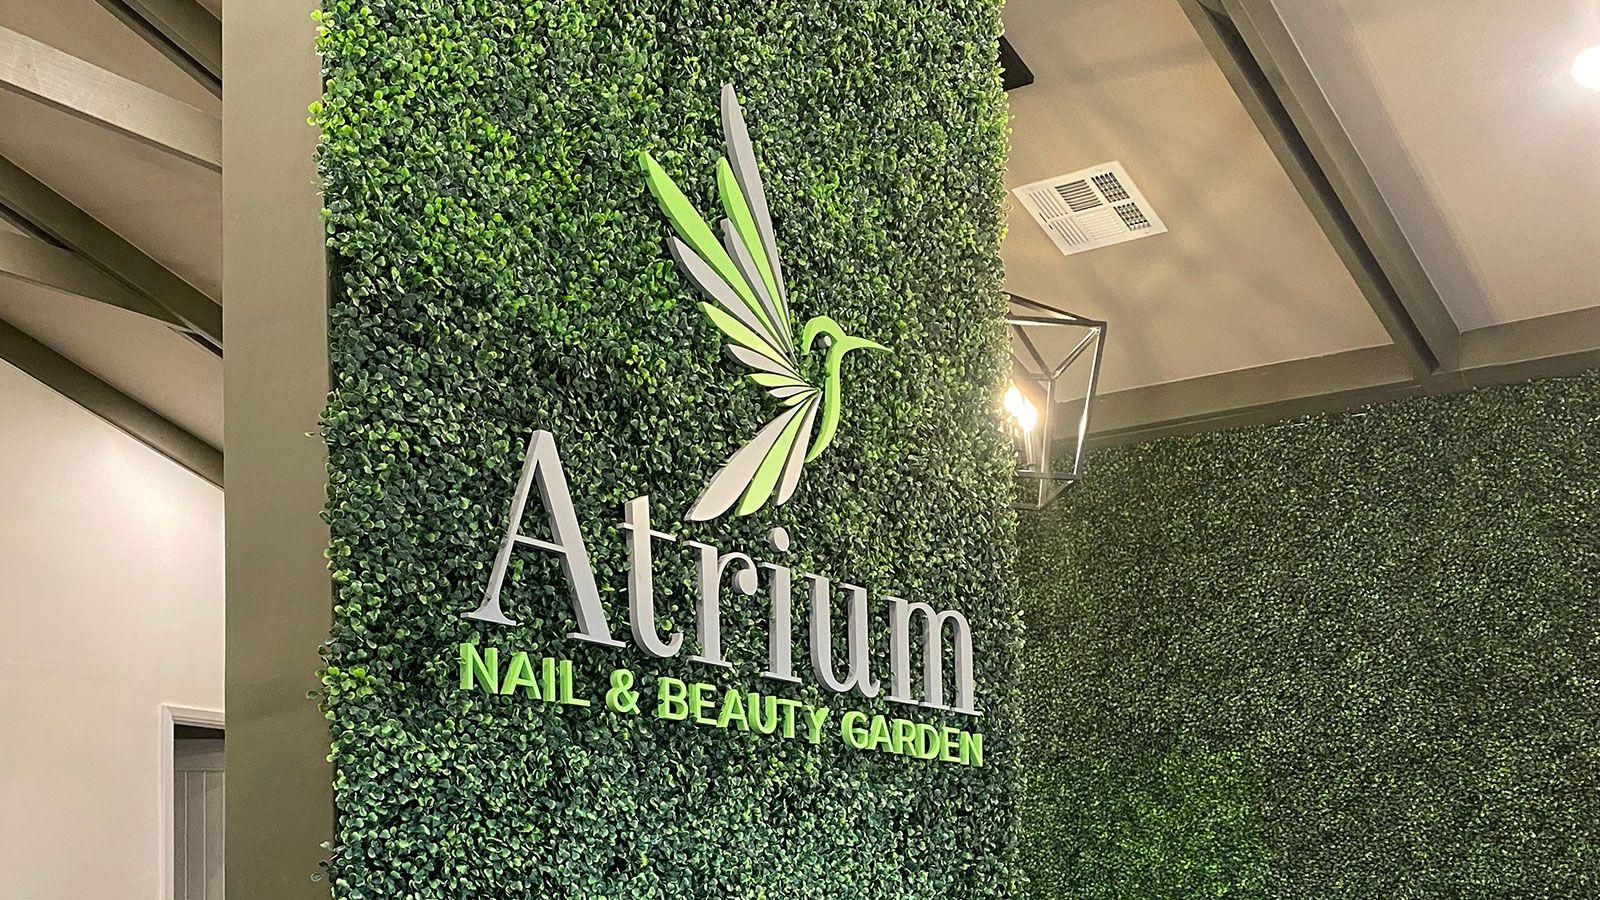 Atrium 3D letters